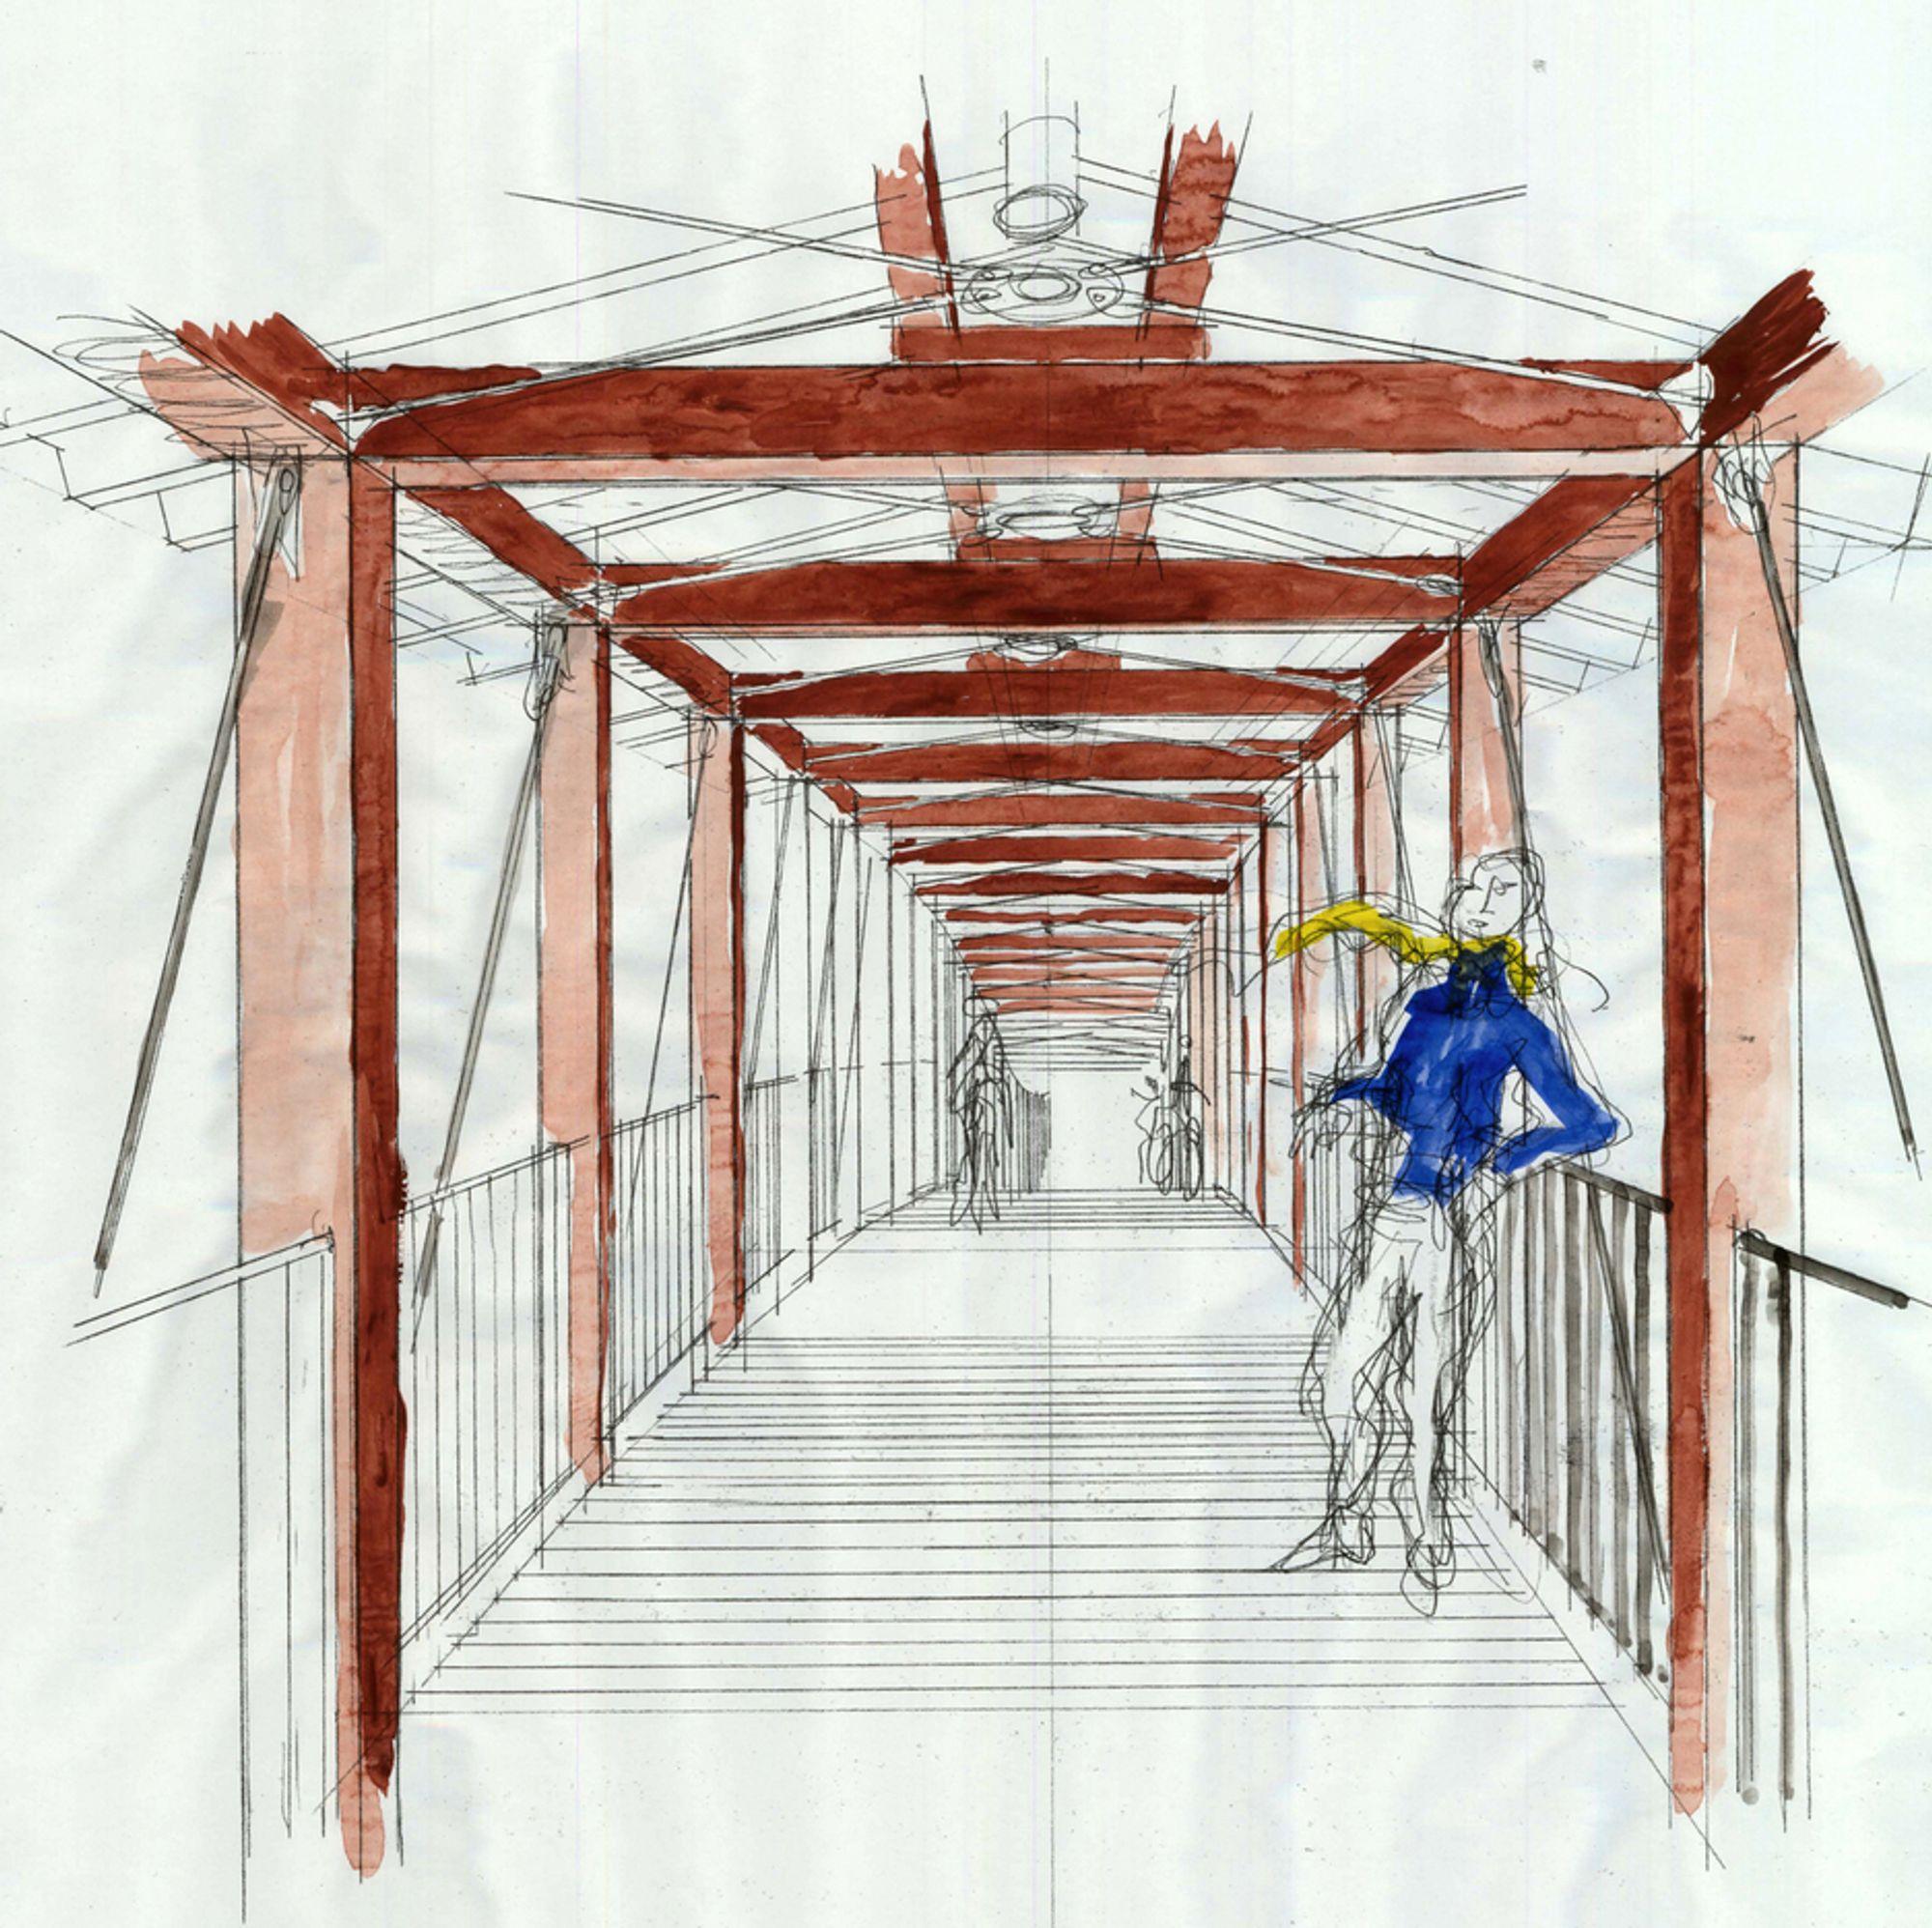 Denne brua er et resultat av samarbeid mellom Arne Eggen Arkitekter AS og Sivilingeniørene Haug og Blom-Bakke AS. Brua skal stå ferdig 1. juni neste år.